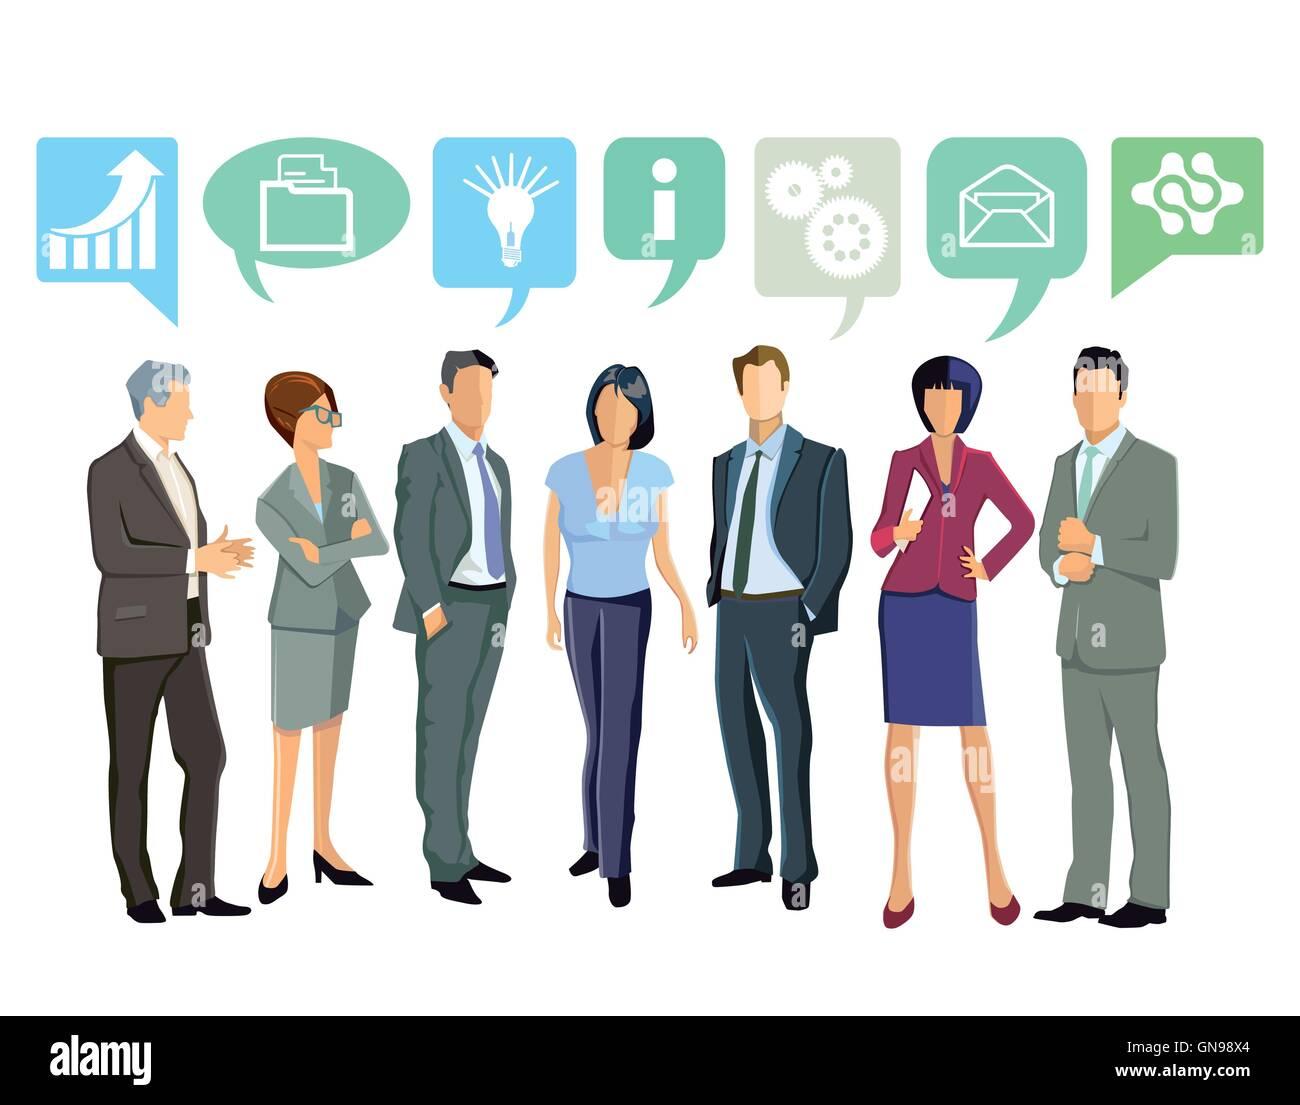 Zusammen, Business-Ideen Stockbild